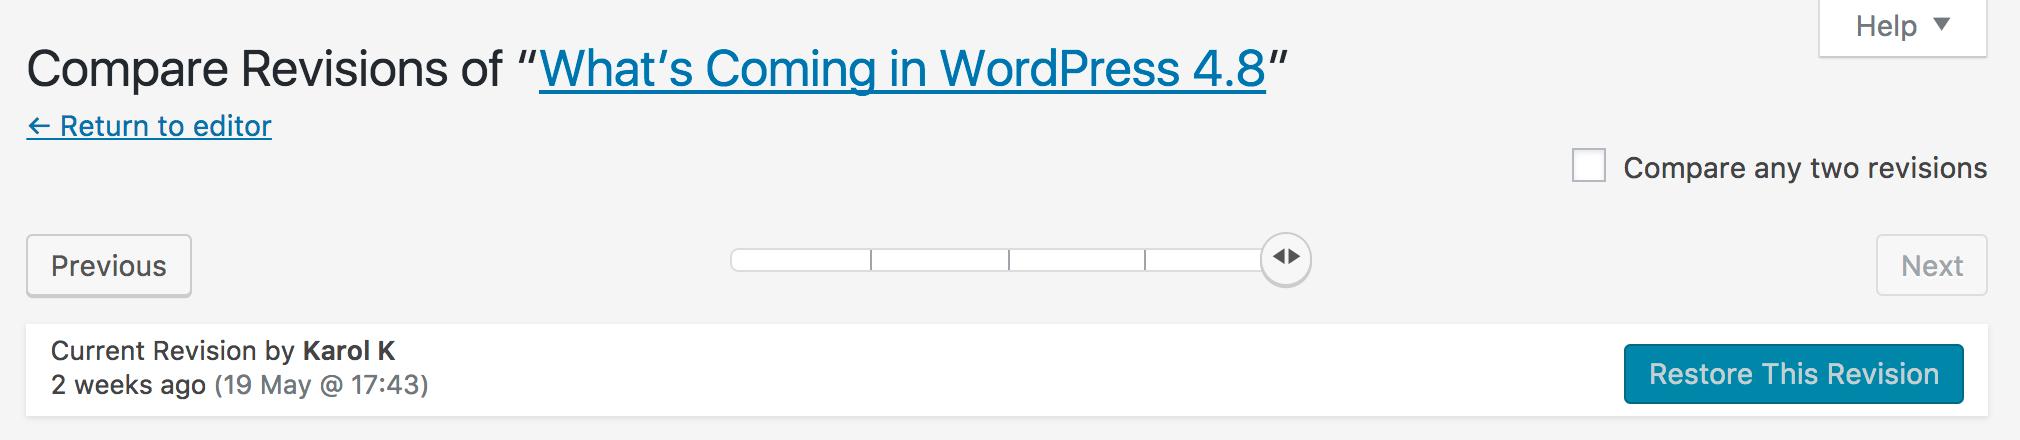 WordPress revisions bar